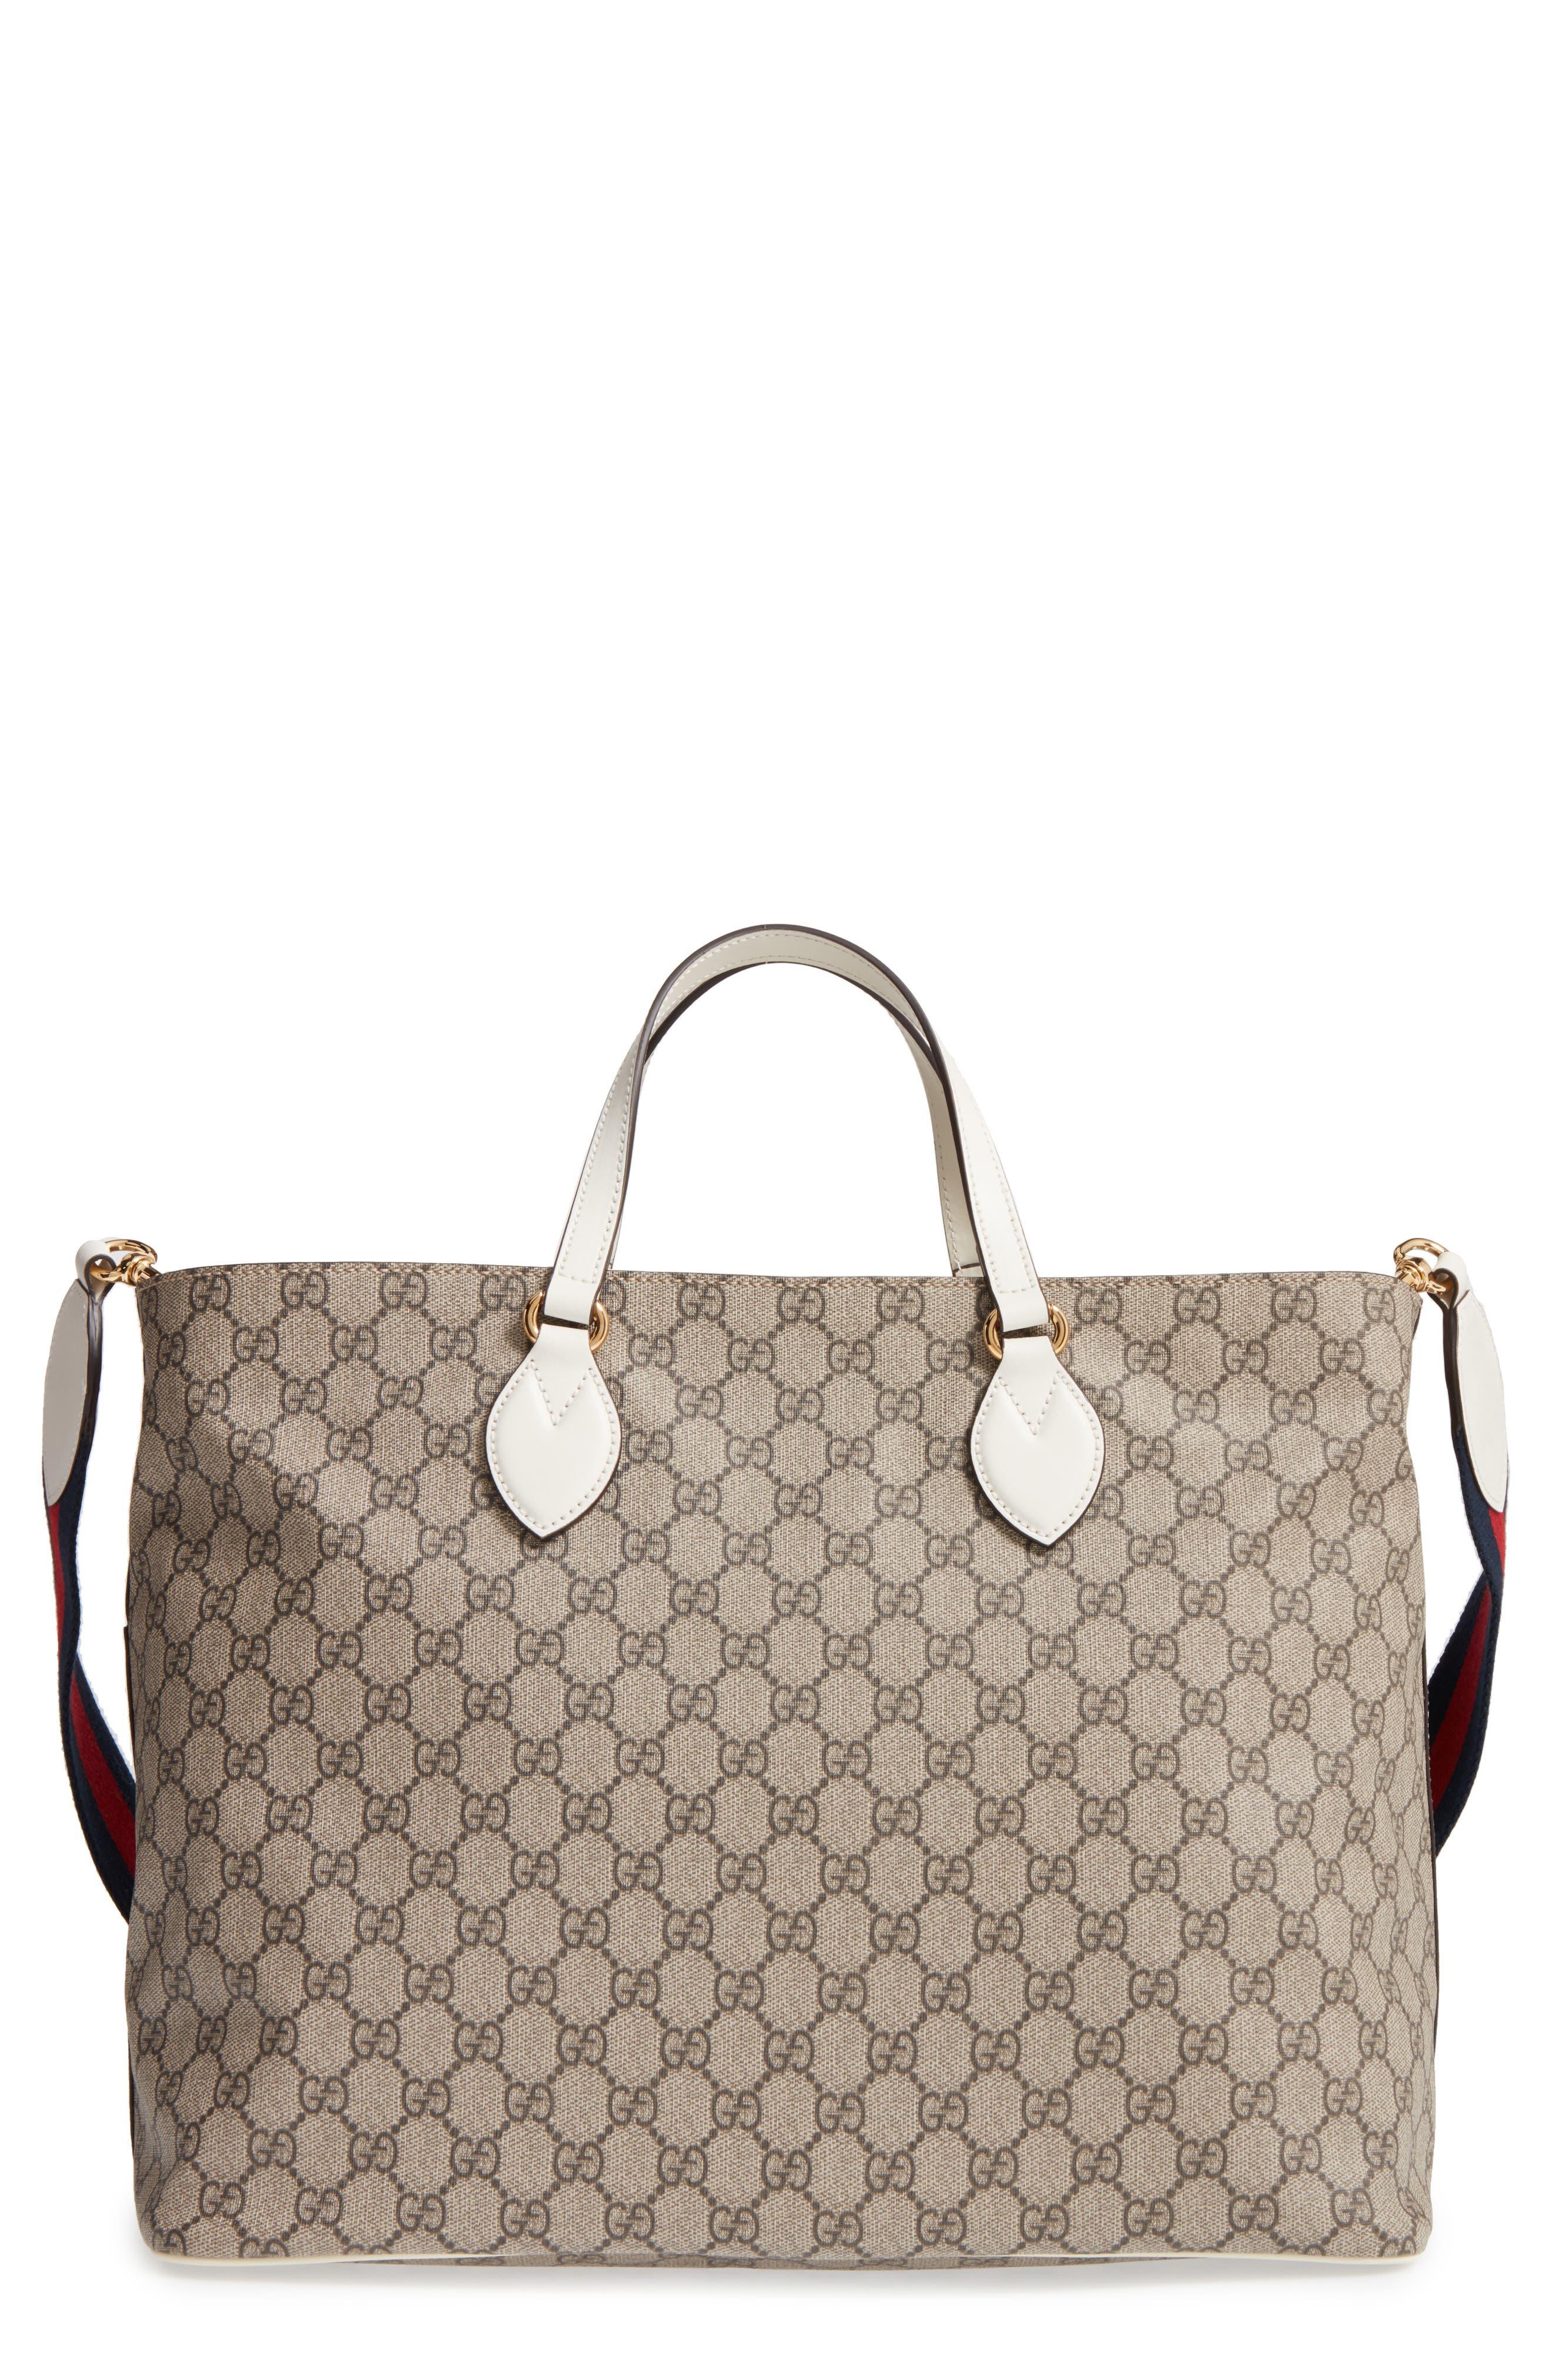 Alternate Image 1 Selected - Gucci Logo Print Diaper Bag